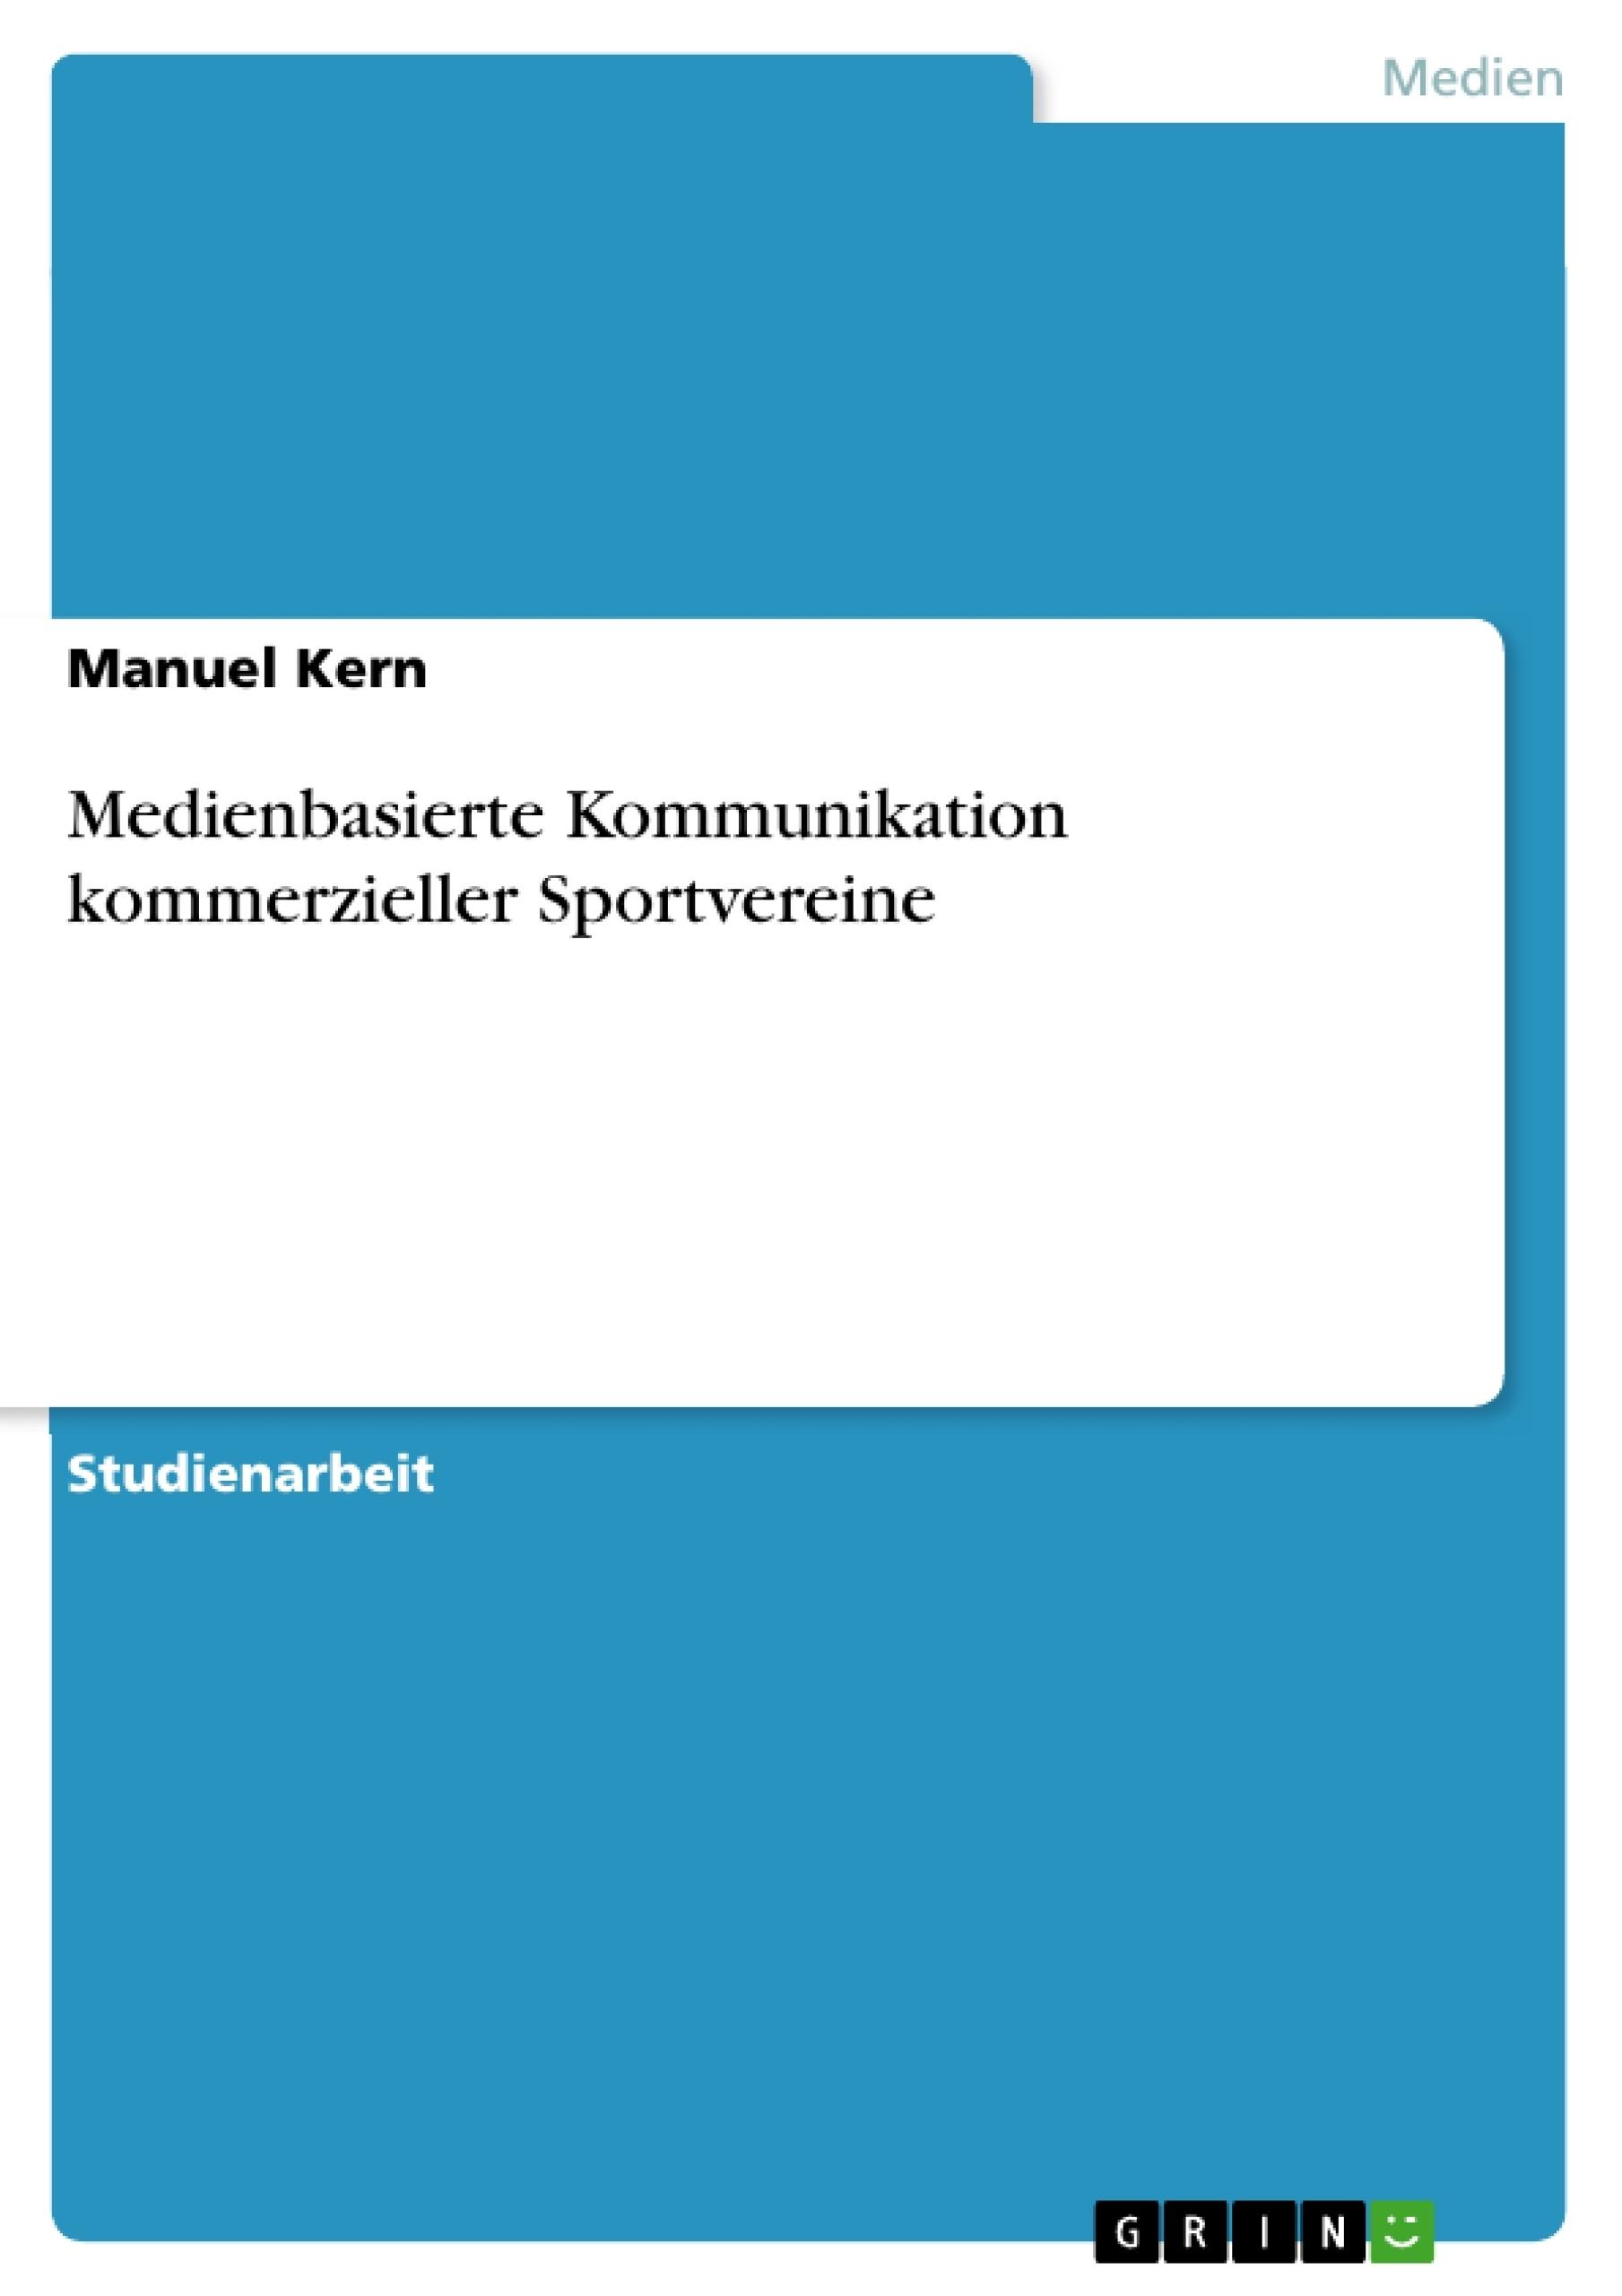 Titel: Medienbasierte Kommunikation kommerzieller Sportvereine